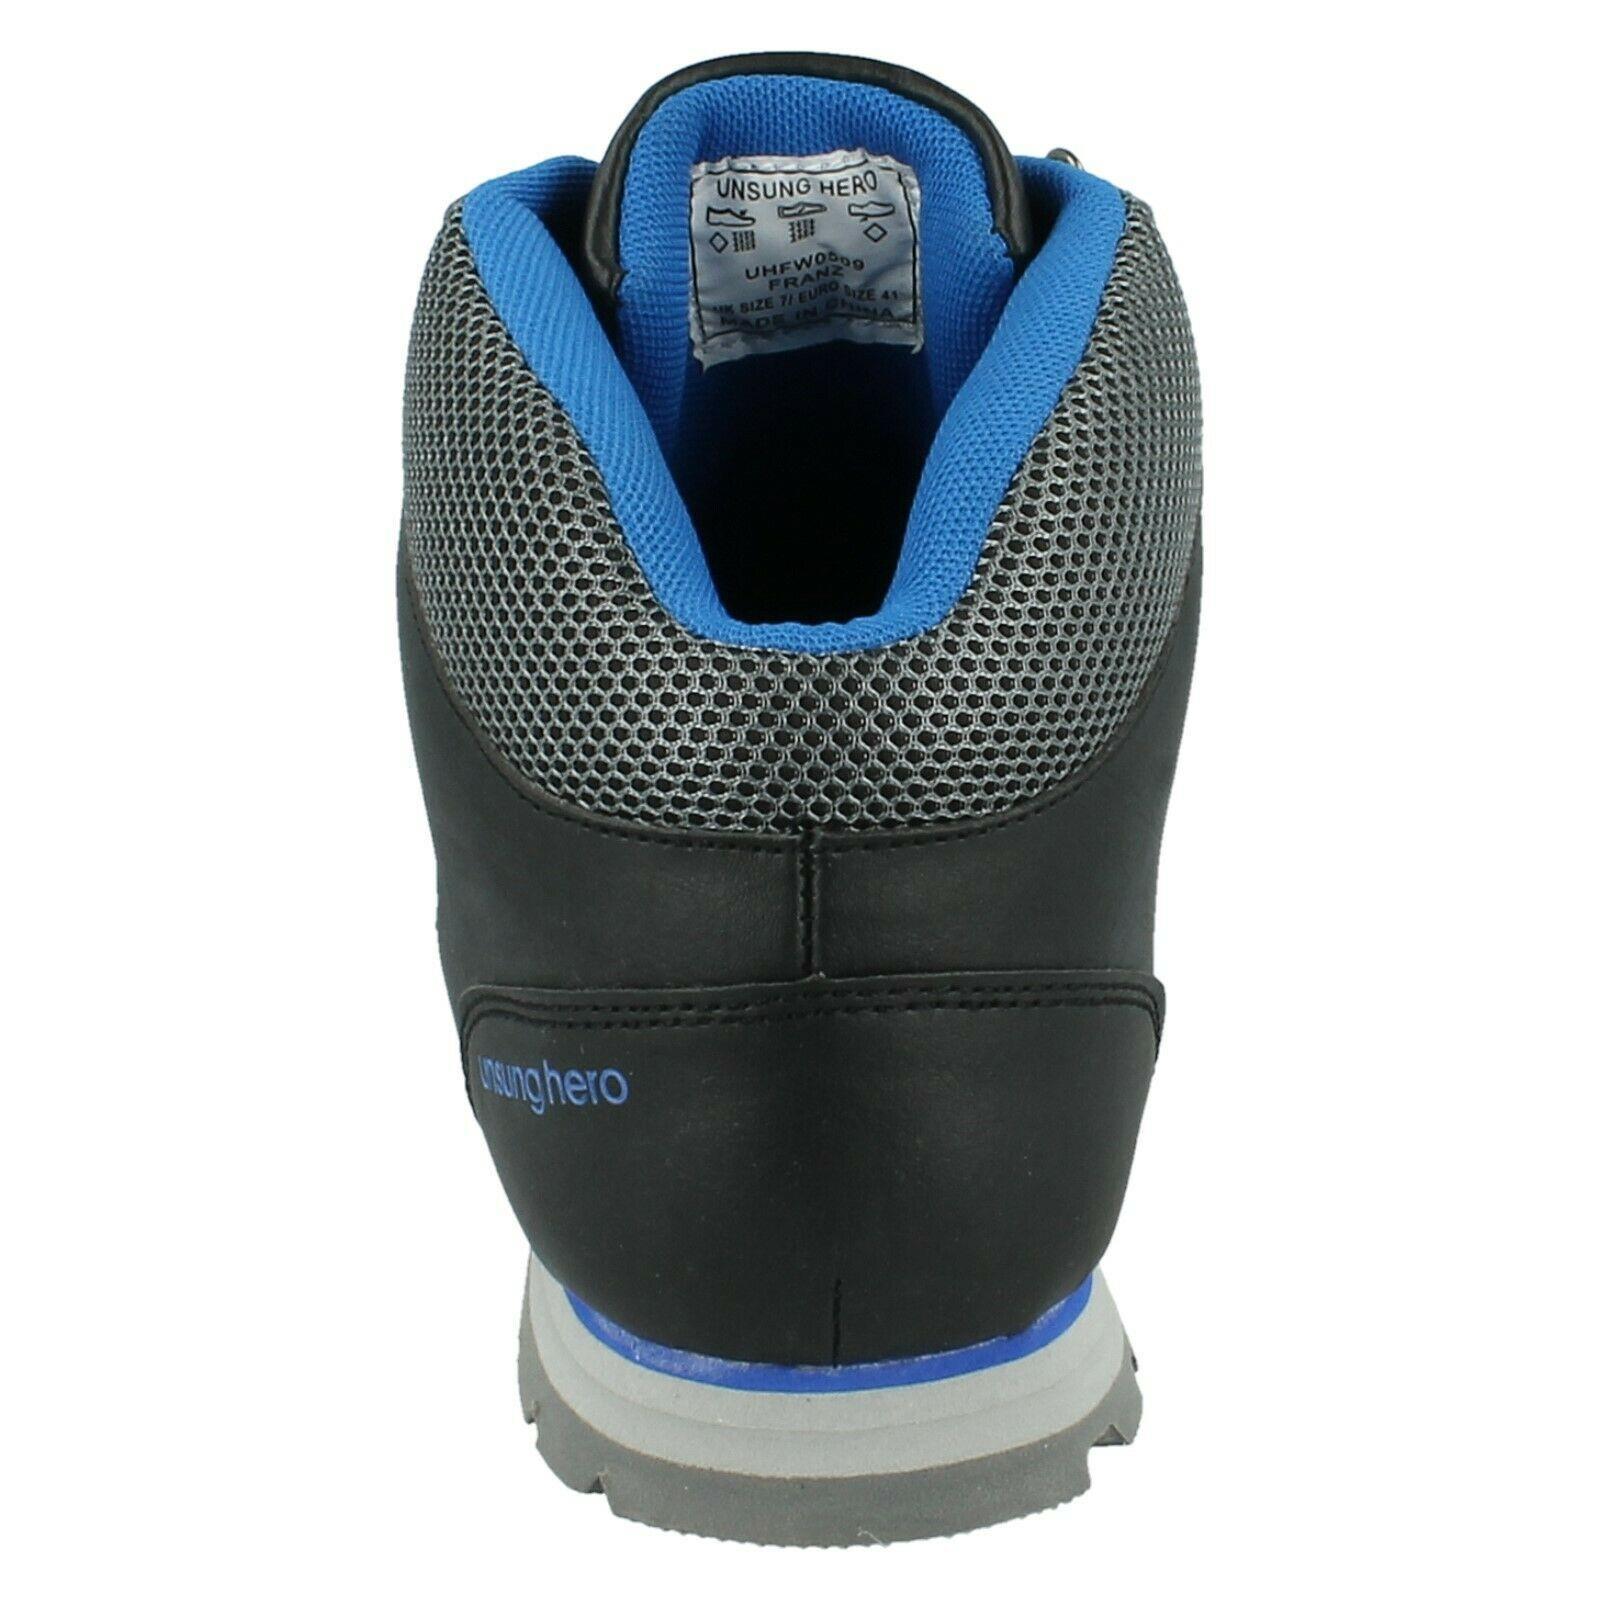 Henleys-unsunghero-Para-hombre-Botas-para-Caminar-Con-Cordones-Zapatos-De-Invierno-Al-Aire-Libre-7 miniatura 20